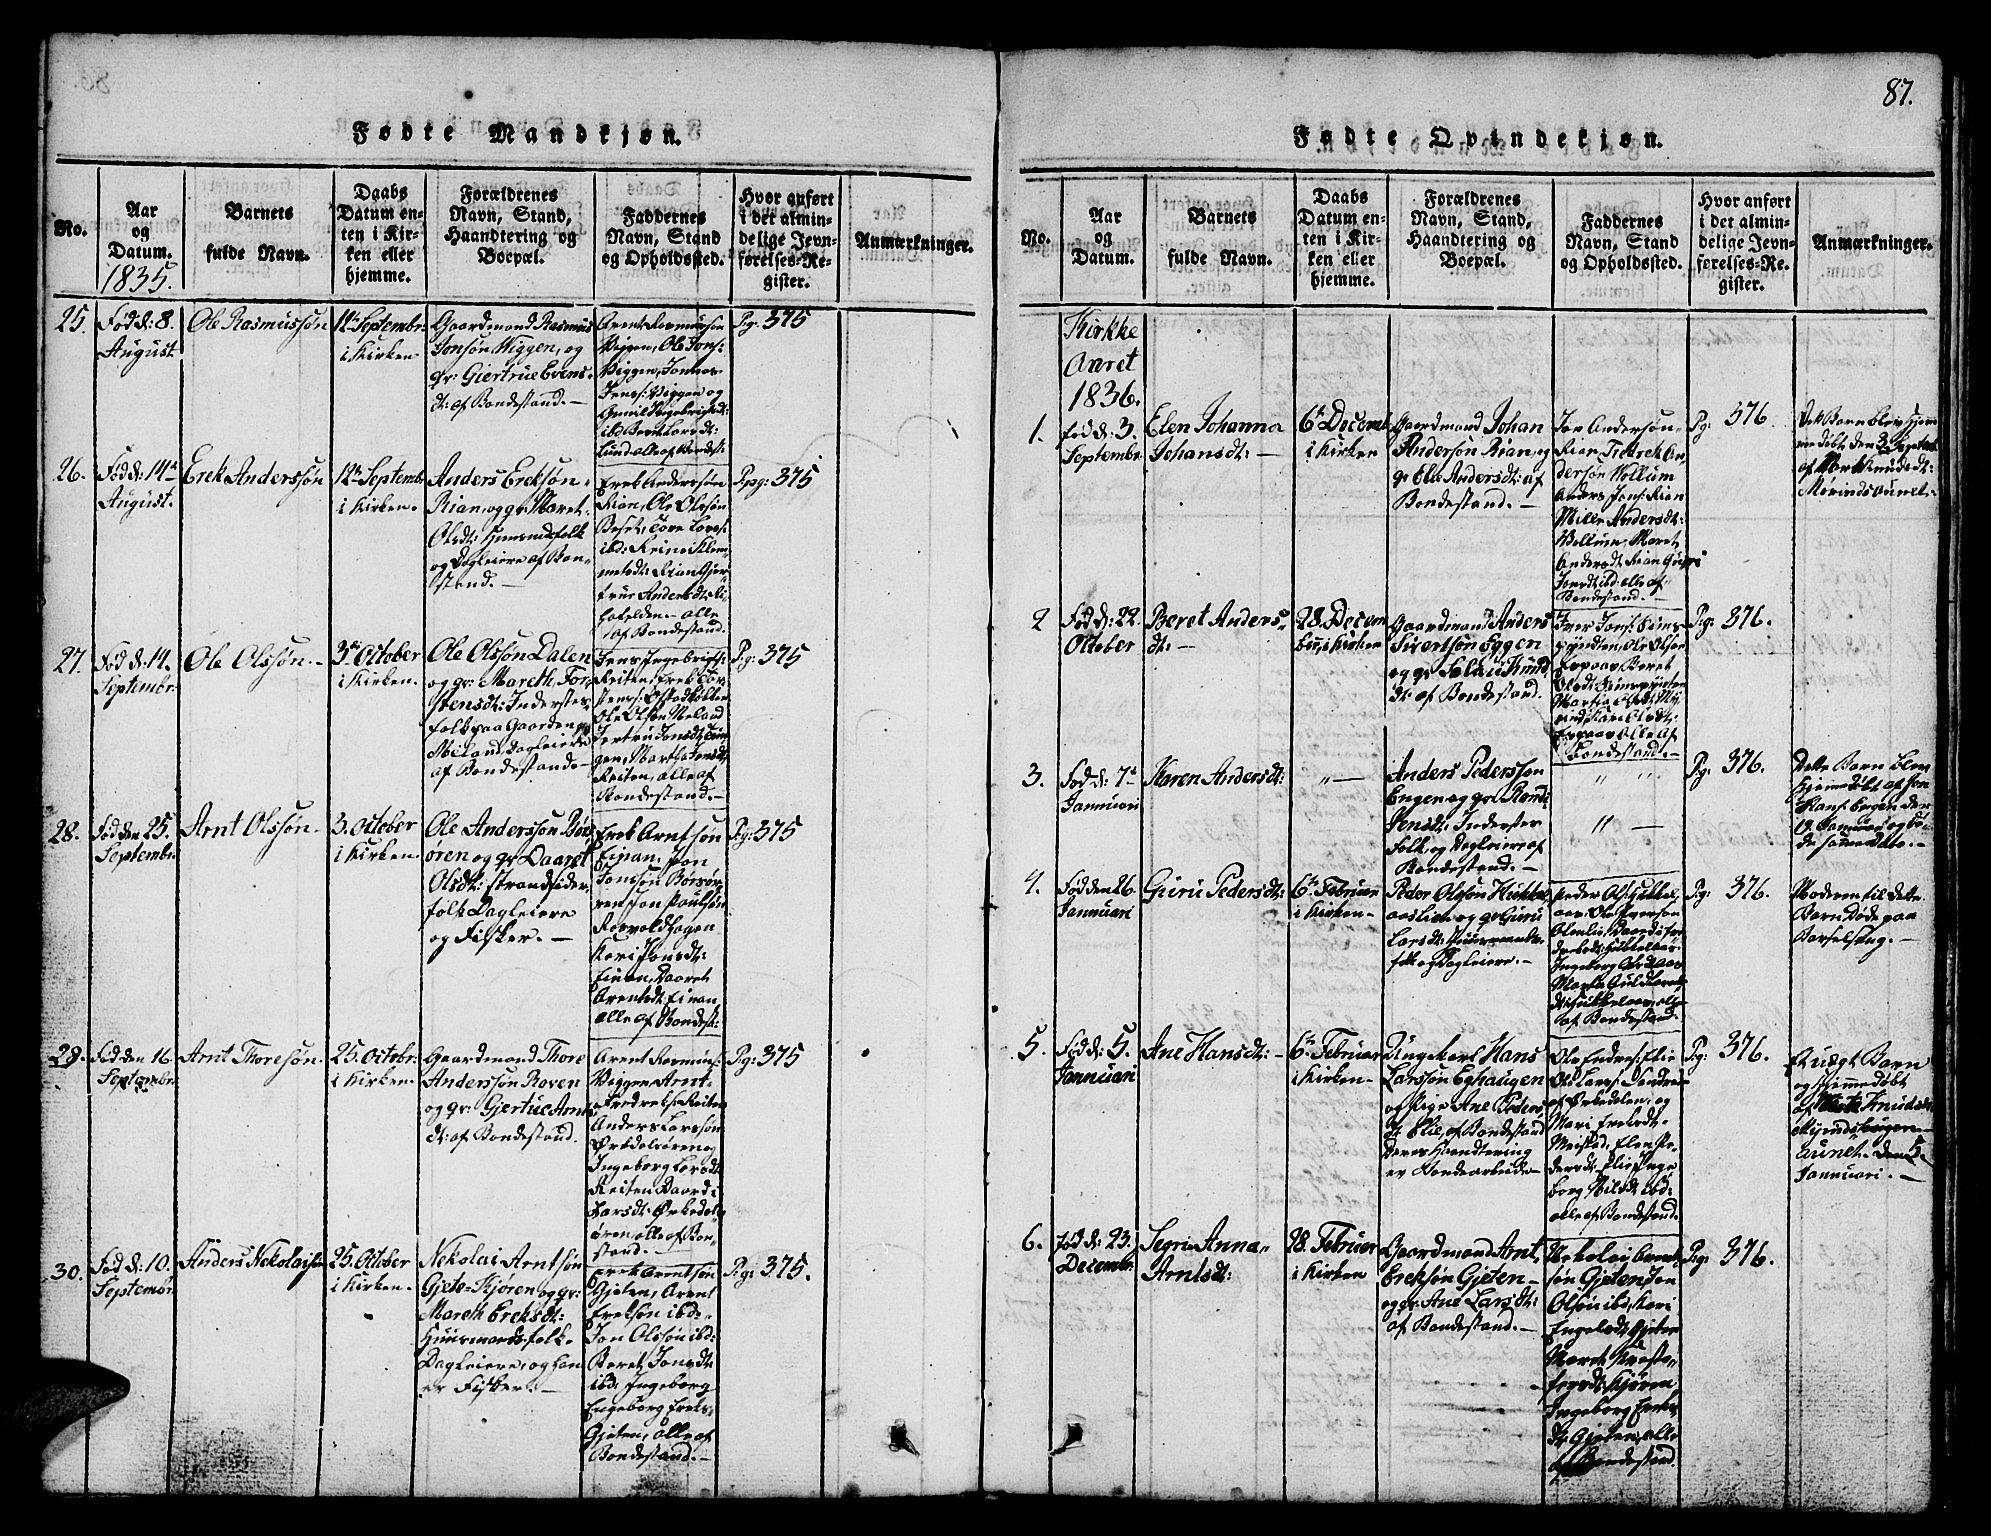 SAT, Ministerialprotokoller, klokkerbøker og fødselsregistre - Sør-Trøndelag, 665/L0776: Klokkerbok nr. 665C01, 1817-1837, s. 87